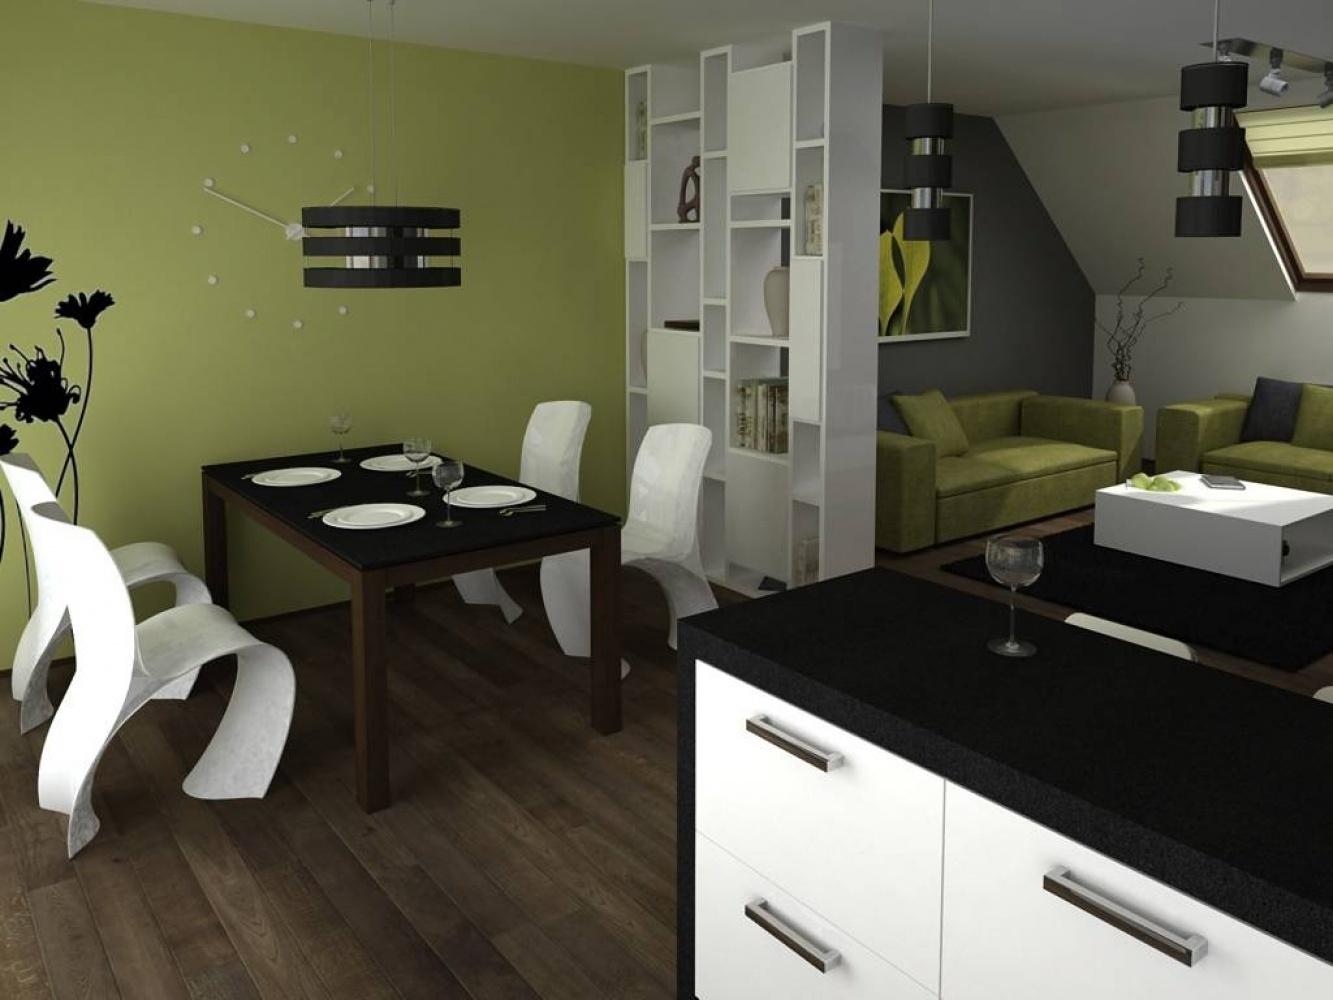 Půdní byt 1+kk, plocha 16 m², ulice Šmilovského, Praha 2 - Vinohrady | 2